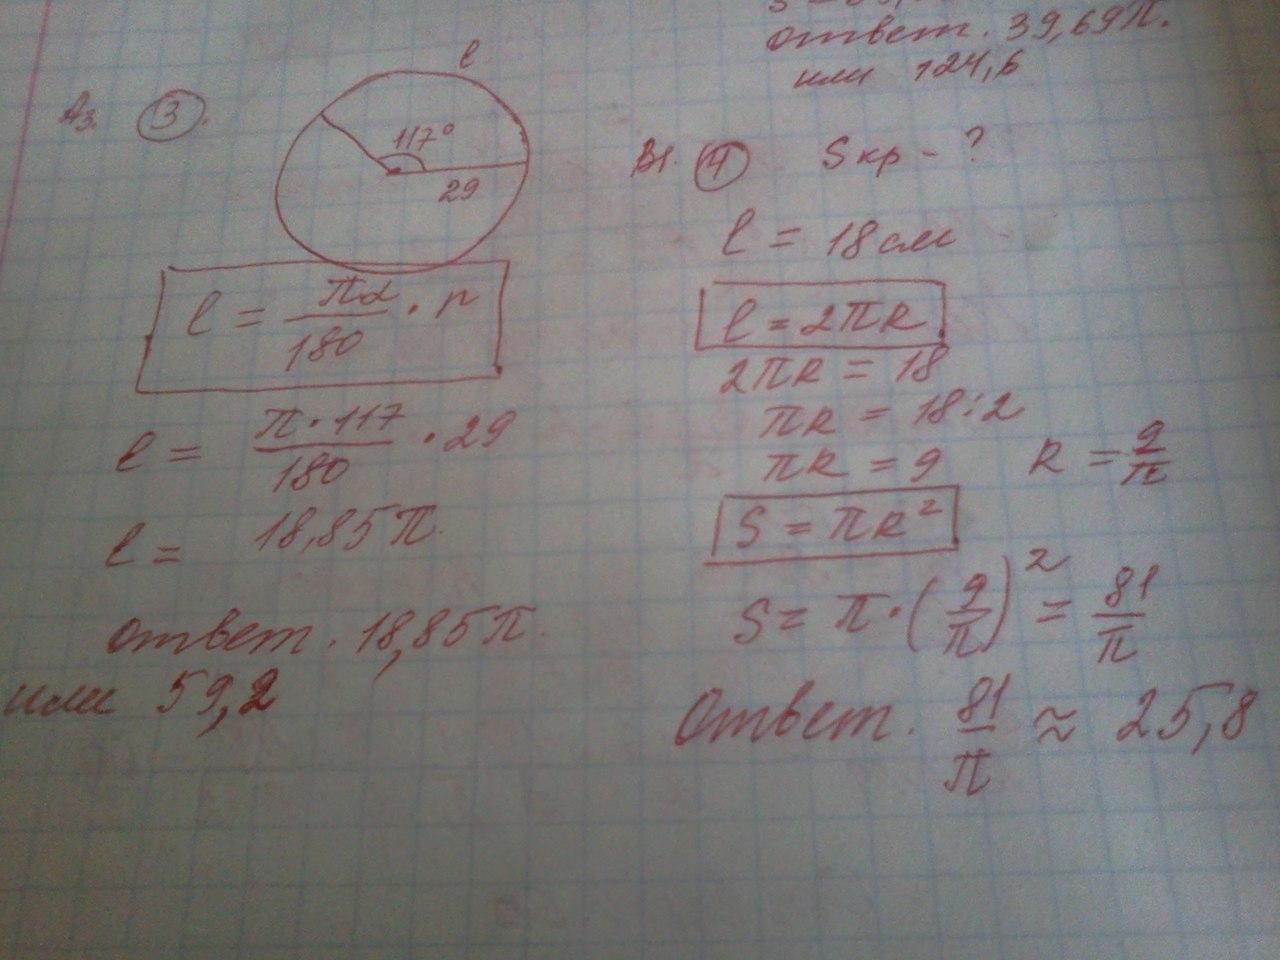 Геометрия класс Работа по теме Длина окружности и площадь   работа по геометрии 9 класс геометрия Решение Вернуться Комментариев 0